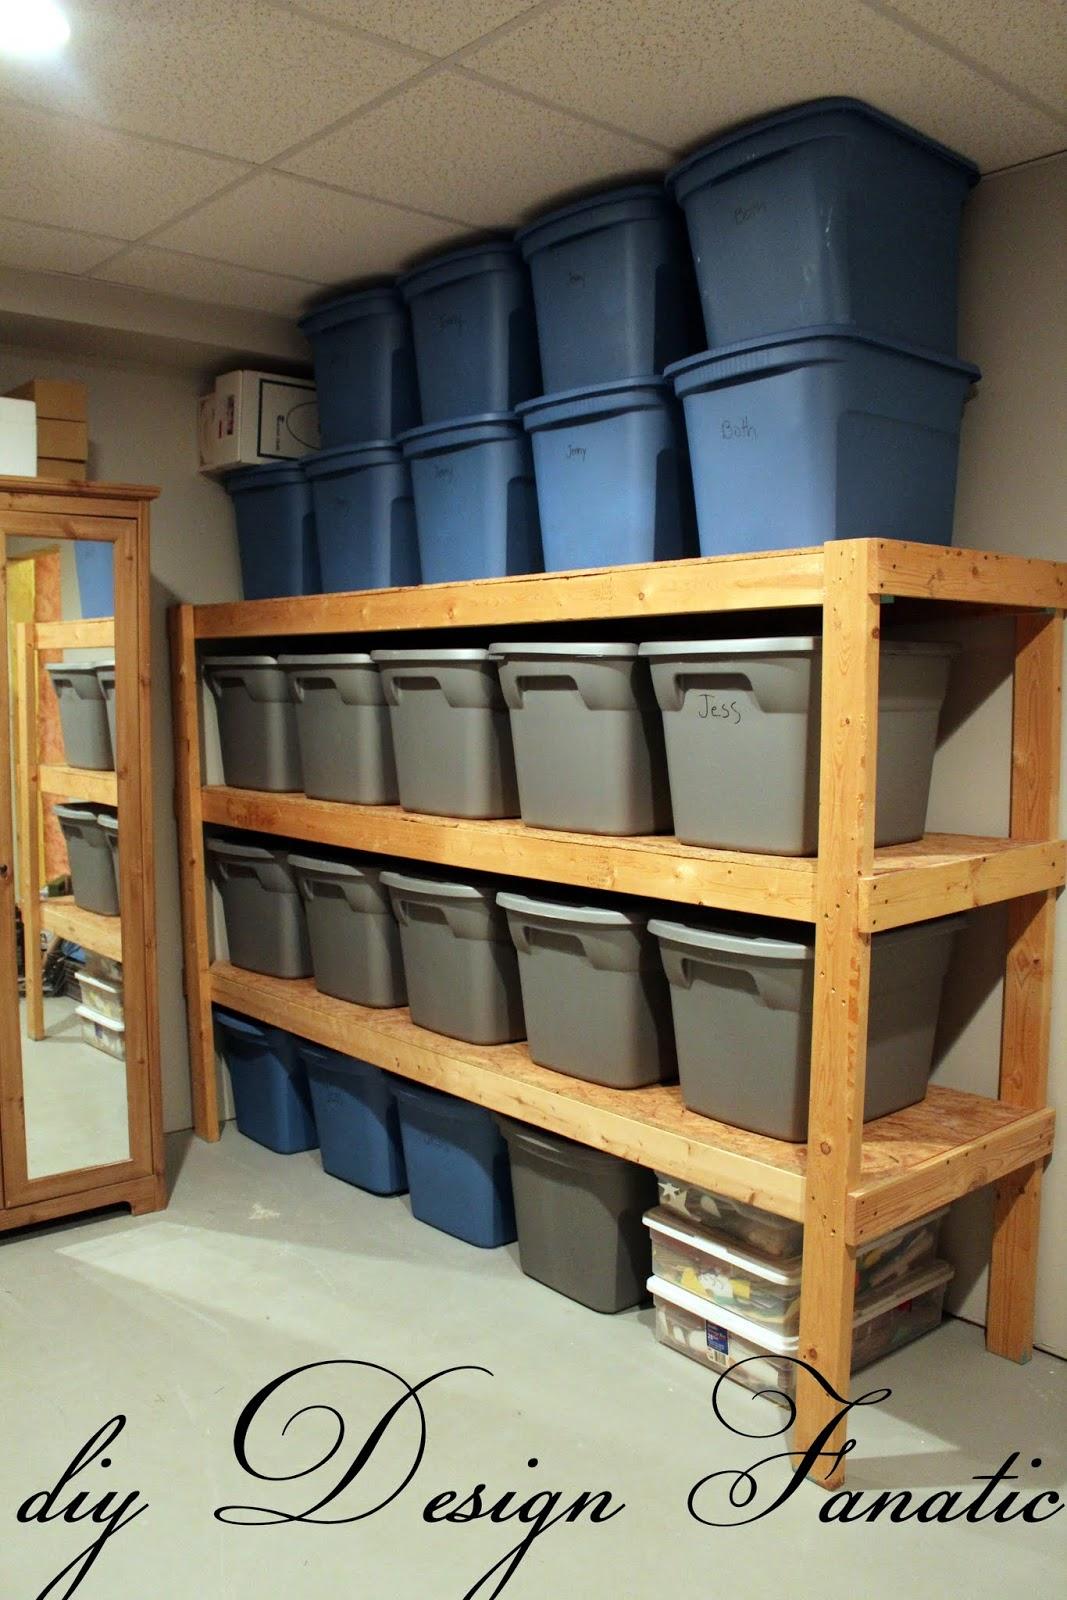 Make Wooden Garage Shelf, Buildingu2026